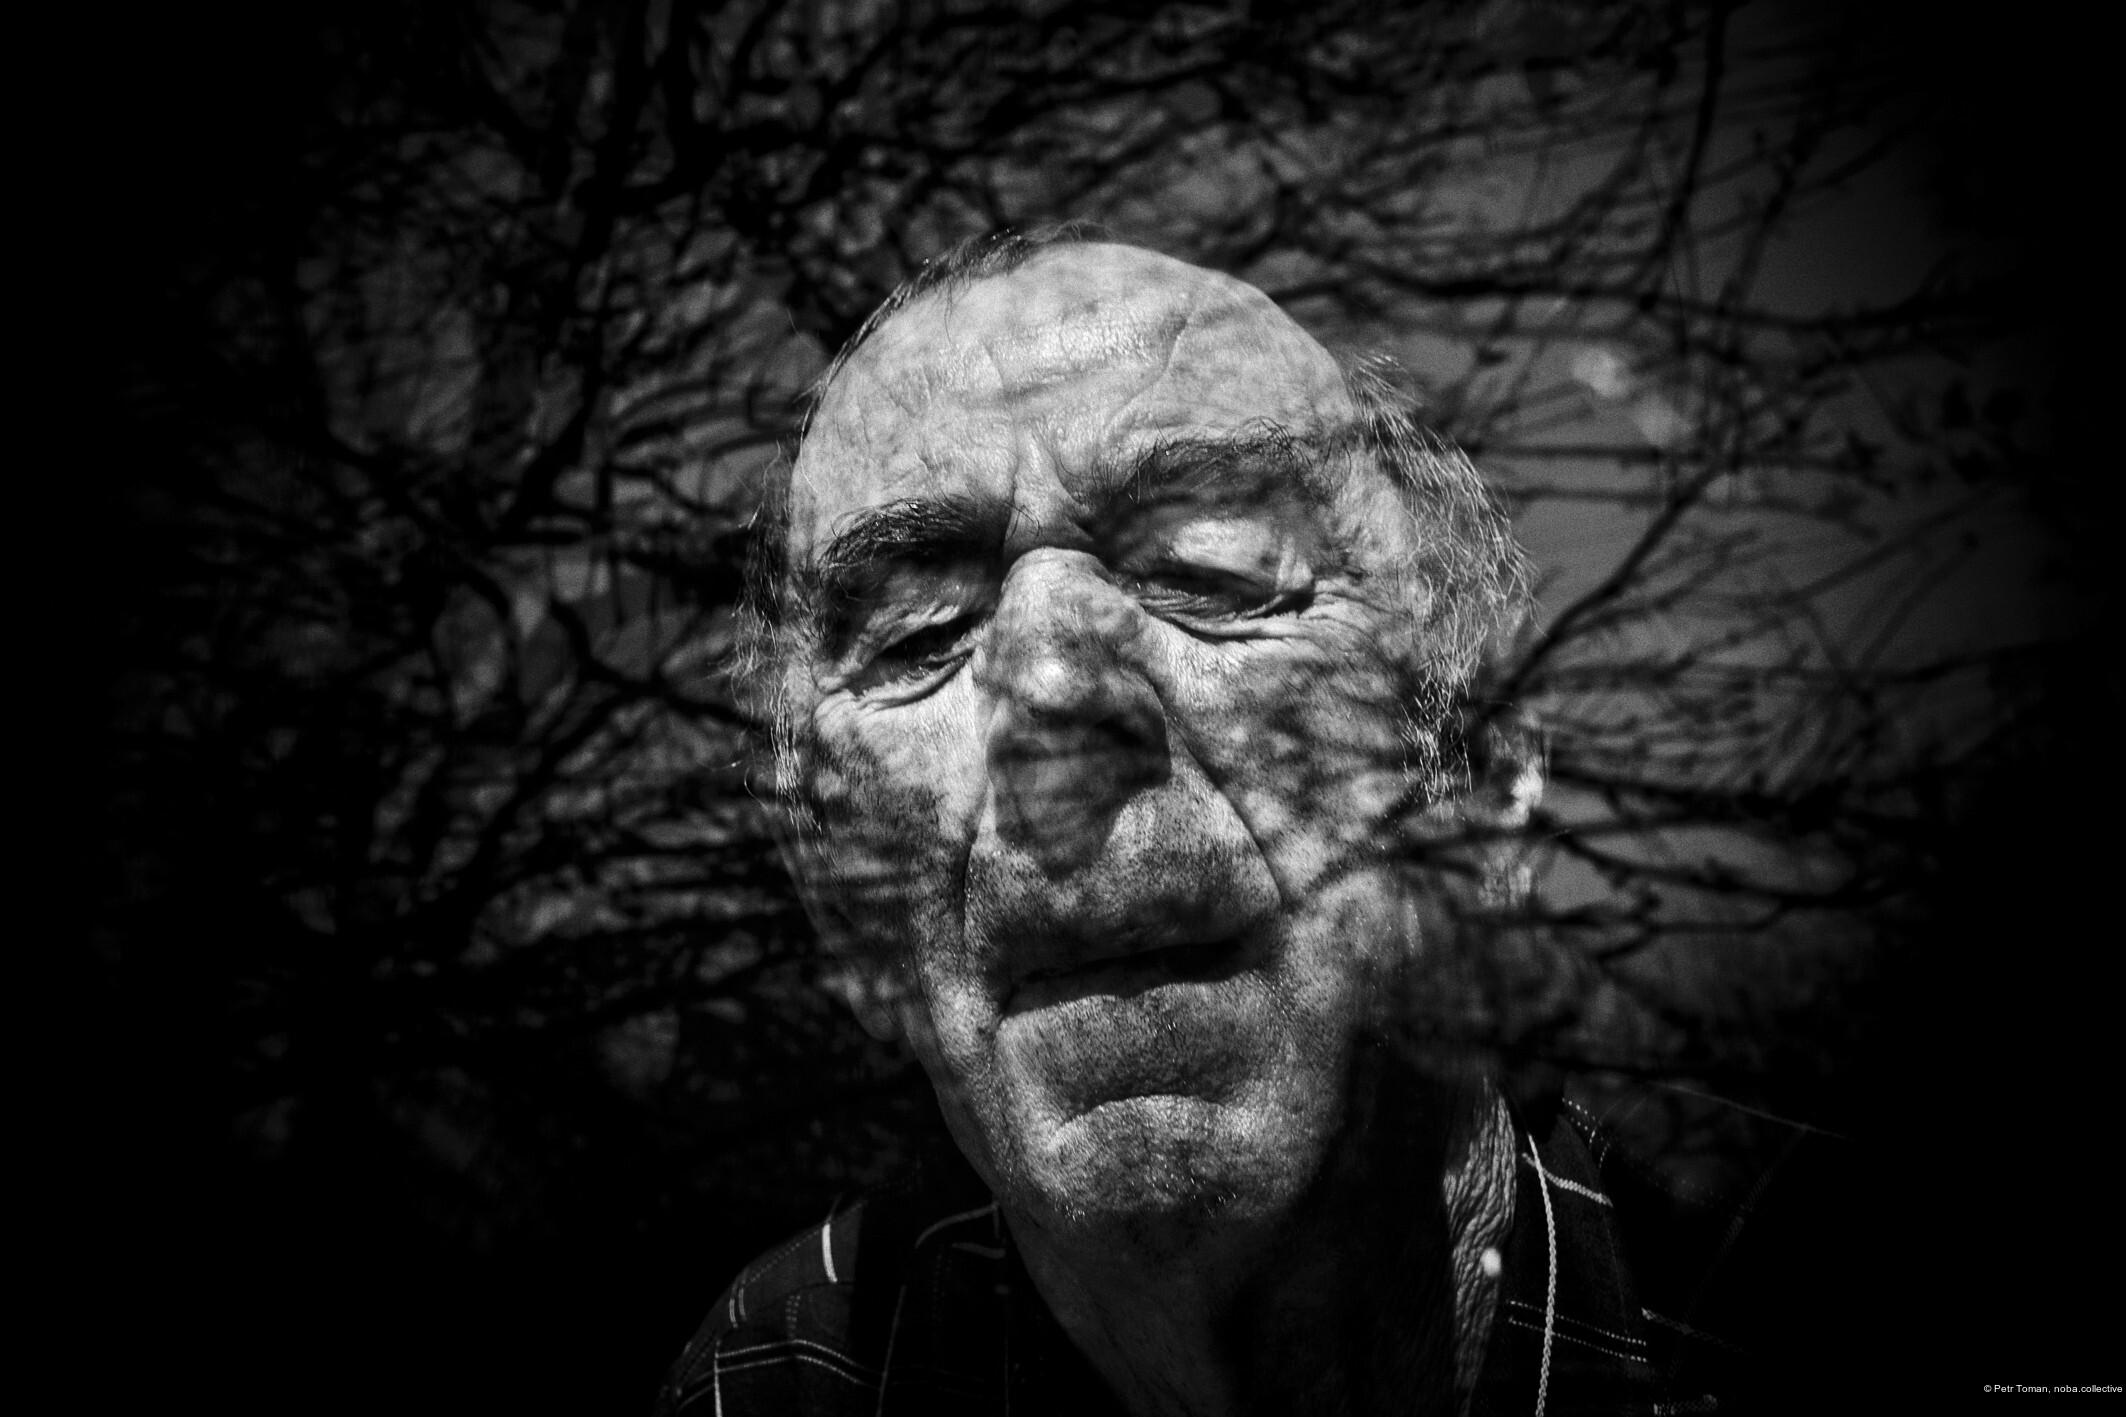 Petr Toman, noba.collective